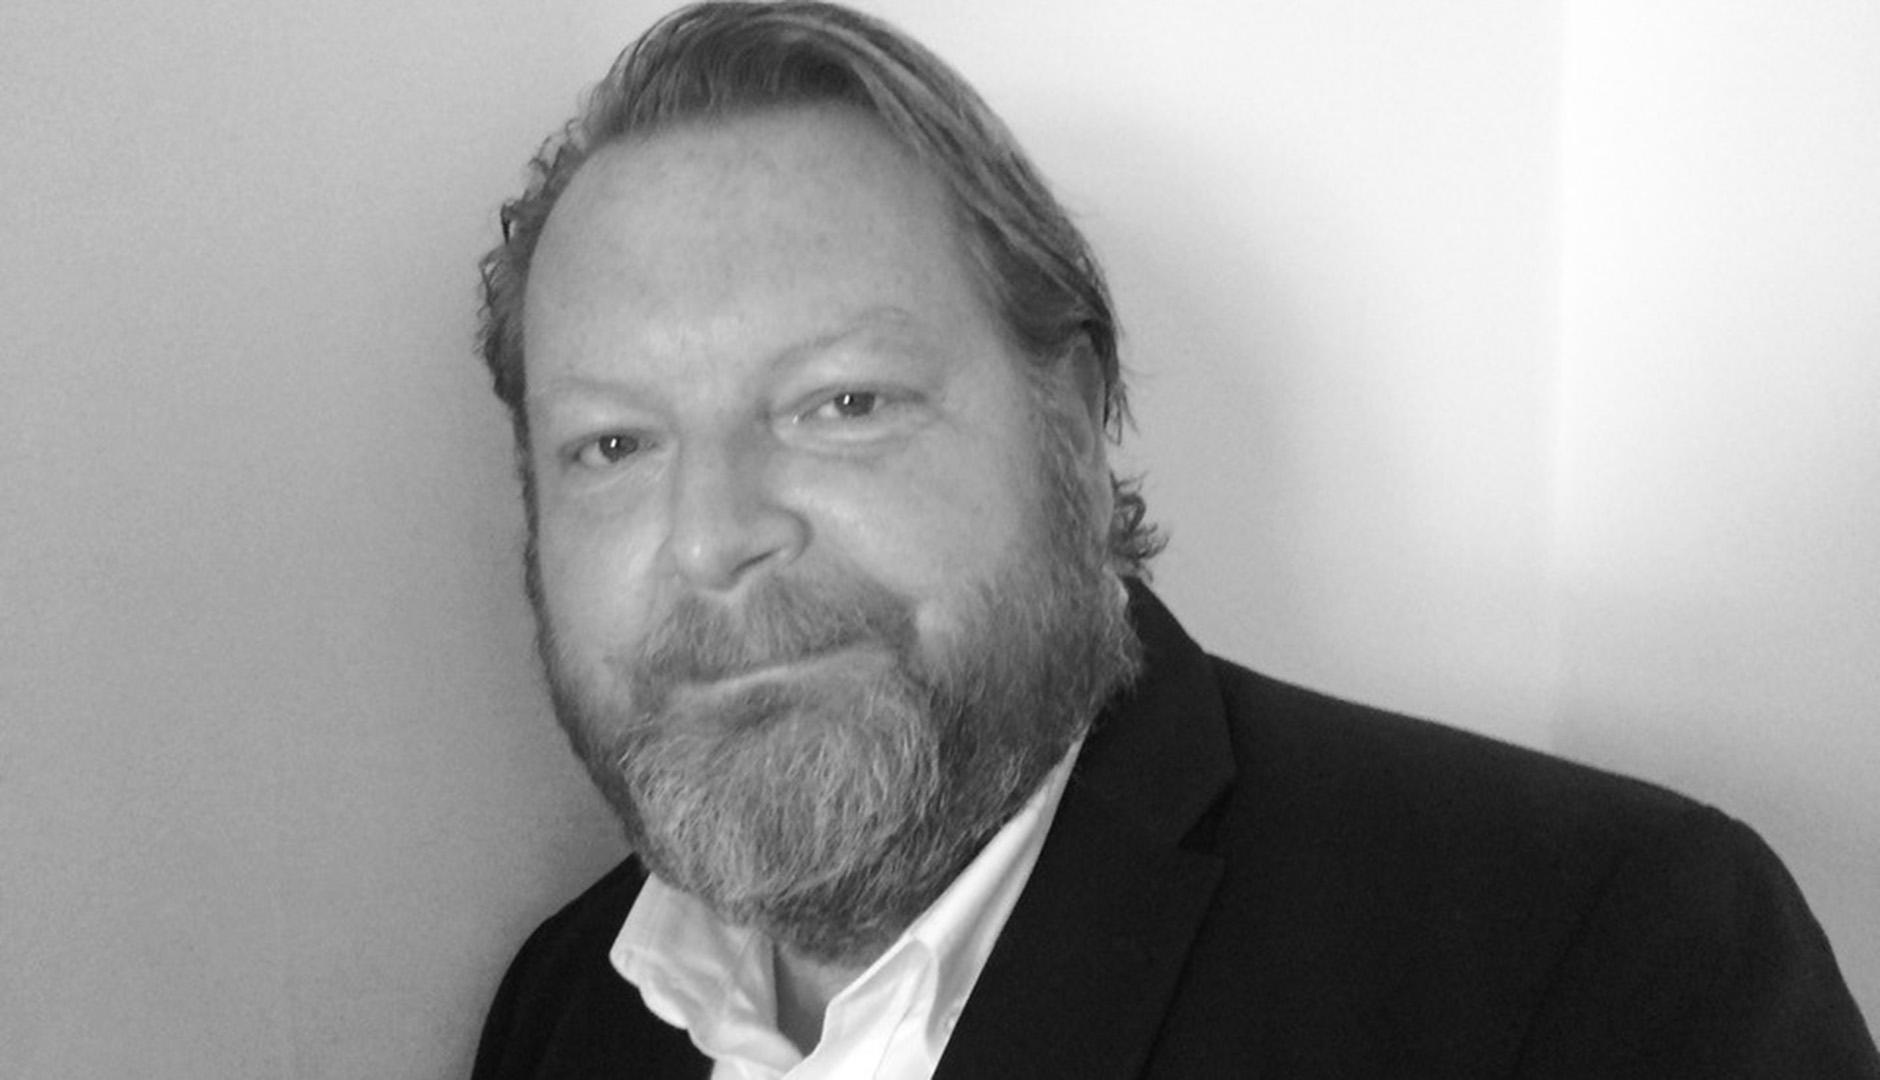 Fredrik Beausang, Business Region Göteborgskonsult i tillväxtprogrammet Expedition Framåt